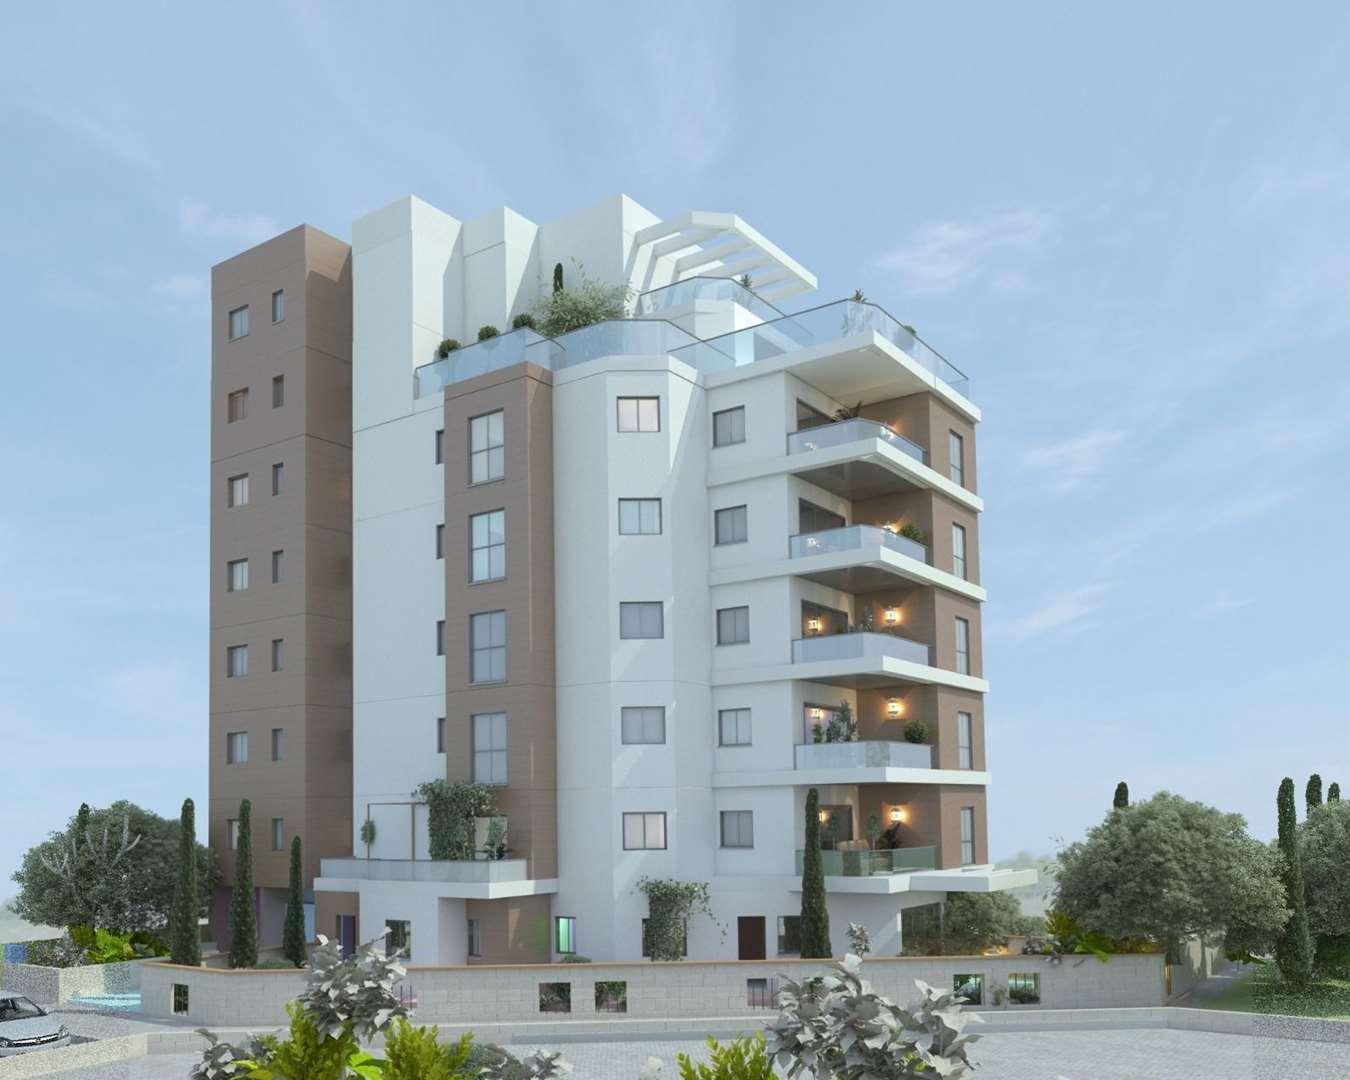 דירה למכירה 5 חדרים בפתח תקווה הירקונים